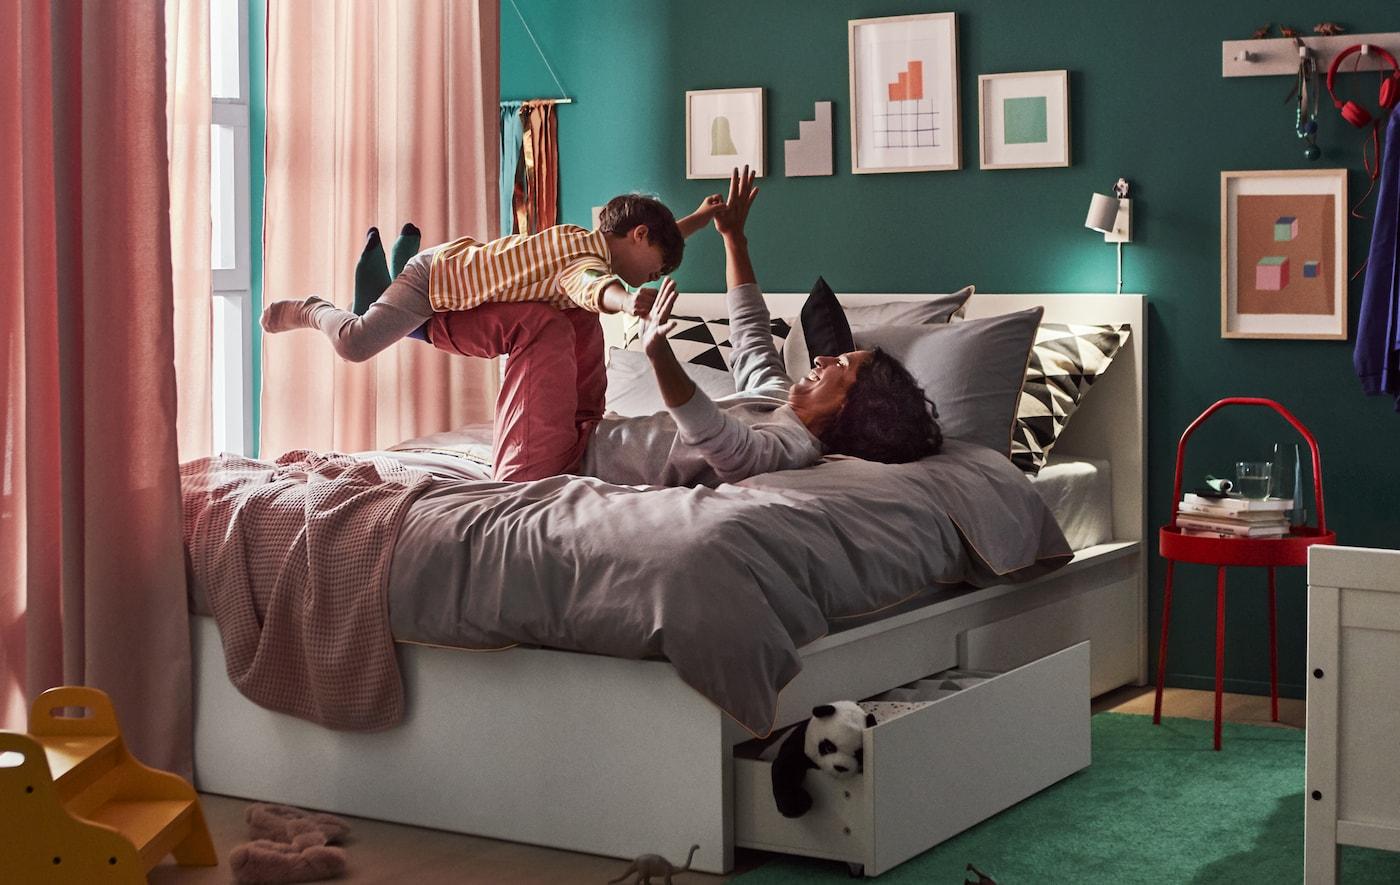 امرأة وطفل يلعبان على سرير مزدوج بأدراج تخزين أسفل السرير، وستائر معلقة حول السرير وأعمال فنية على الجدران.